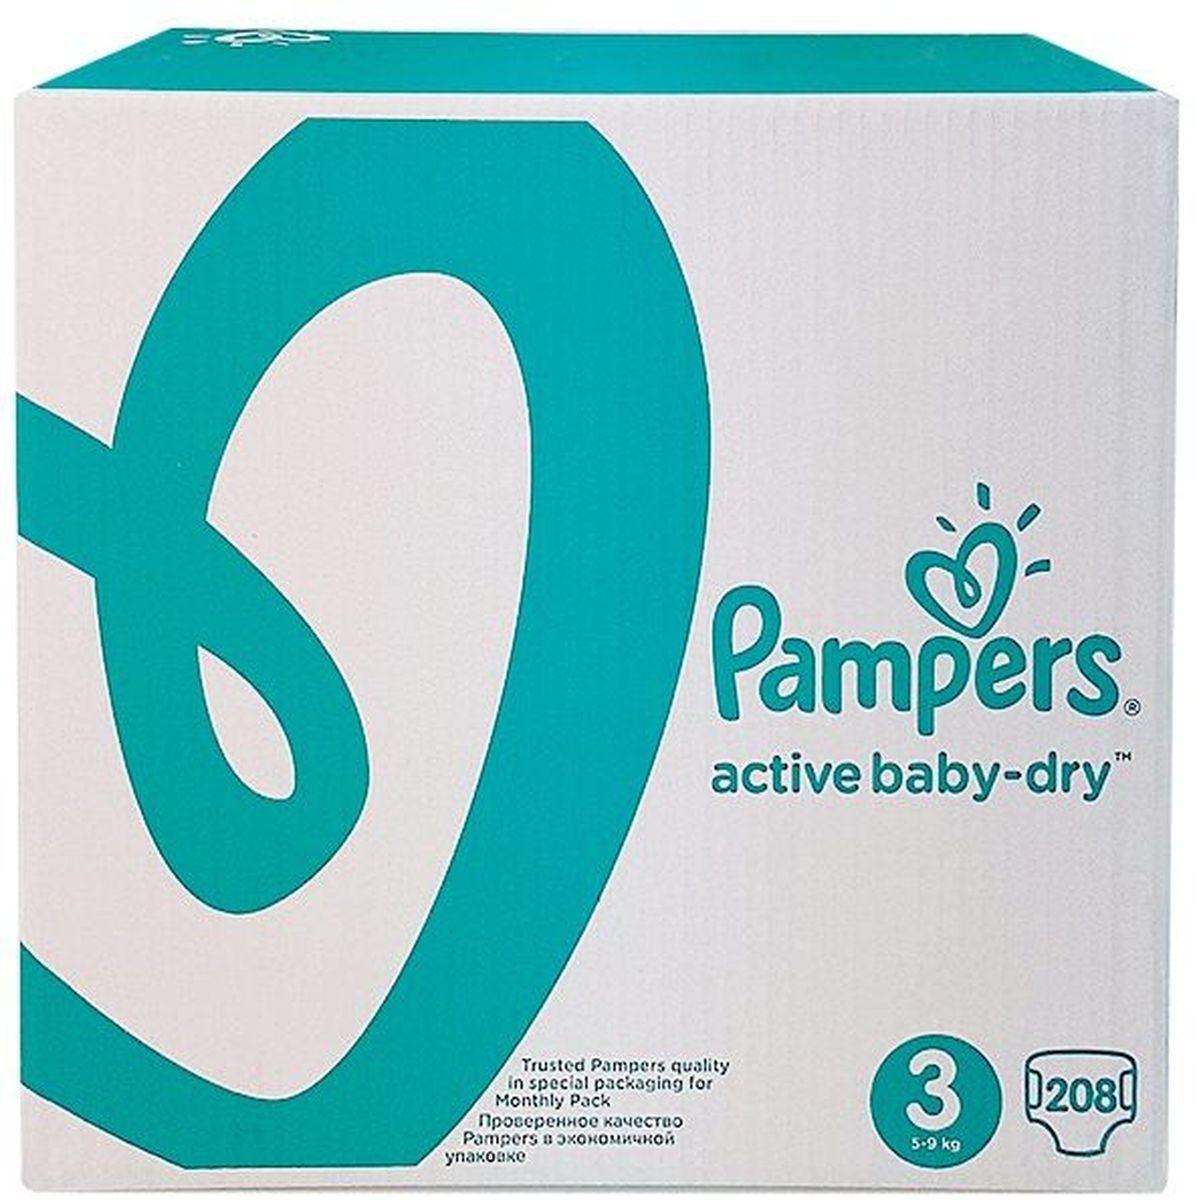 Pampers Подгузники Active Baby-Dry 5-9 кг Midi 208 штPA-81603988Месячный запас подгузников! Ух ты, как сухо! А куда исчезли все пи-пи? Вы готовы к революции в мире подгузников? Как только вы начнете использовать Pampers active baby-dry, вы убедитесь, что они отличаются от наших предыдущих подгузников. Революционная технология помогает распределять влагу равномерно по 3 впитывающим каналам и запирать ее на замок, не допуская образование мокрого комка между ножек по утрам. Эти подгузники настолько удобные и сухие, что вы удивитесь, куда делись все пи-пи! - 3 впитывающих канала: помогают равномерно распределить влагу по подгузнику, не допуская образование мокрого комка между ножек. - Впитывающие жемчужные микрогранулы: внутренний слой с жемчужными микрогранулами, который впитывает и запирает влагу до 12 часов. - Слой DRY: впитывает влагу и не дает ей соприкасаться с нежной кожей малыша. - Мягкий, как хлопок, верхний слой: предотвращает контакт влаги с кожей малыша, для спокойного сна на всю ночь. - Дышащие материалы: обеспечивают циркуляцию...